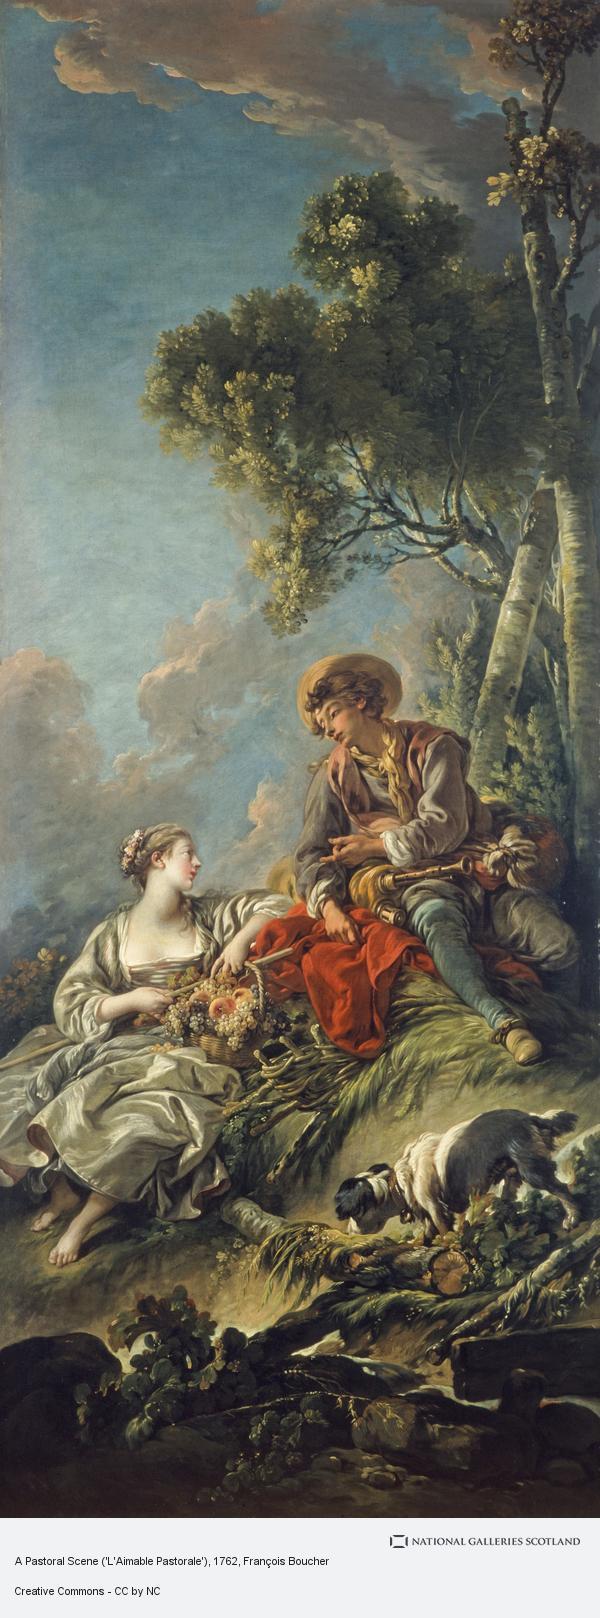 Francois Boucher, A Pastoral Scene ('L'Aimable Pastorale')